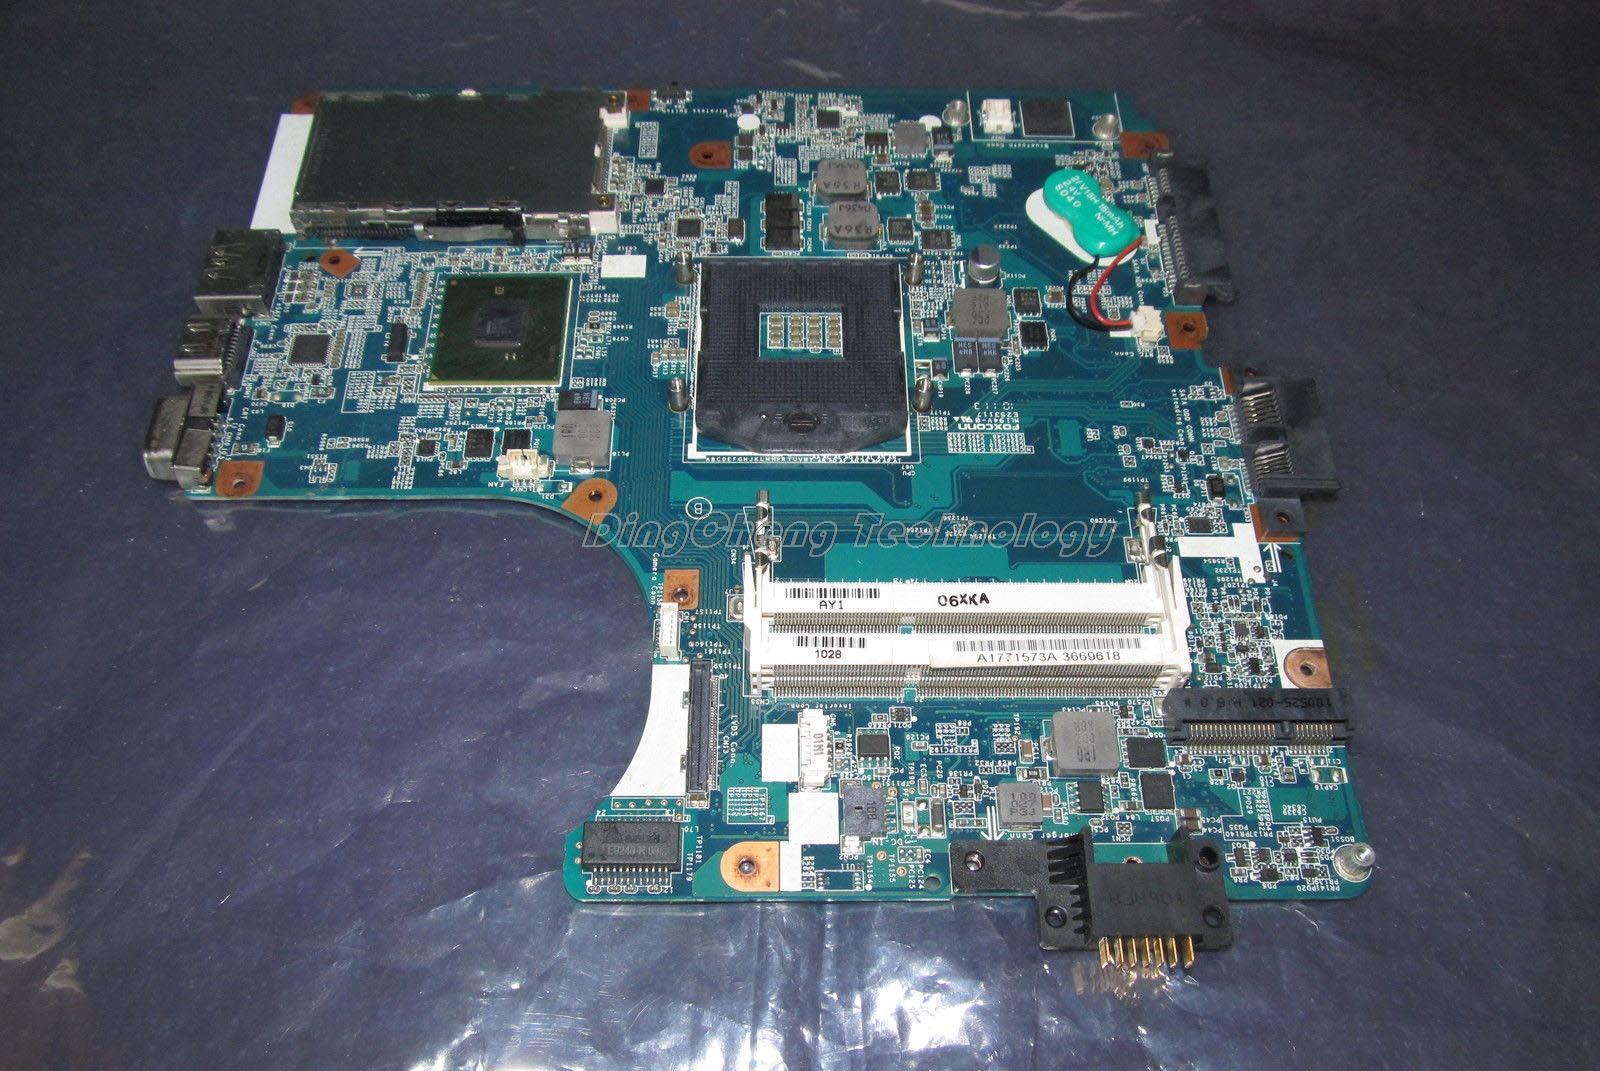 Placa base HOLYTIME MBX 223 para ordenador portátil Sony M960 MBX-223 1P-009CJ01-6011 A1771567A REV 1,1 con tarjeta gráfica integrada